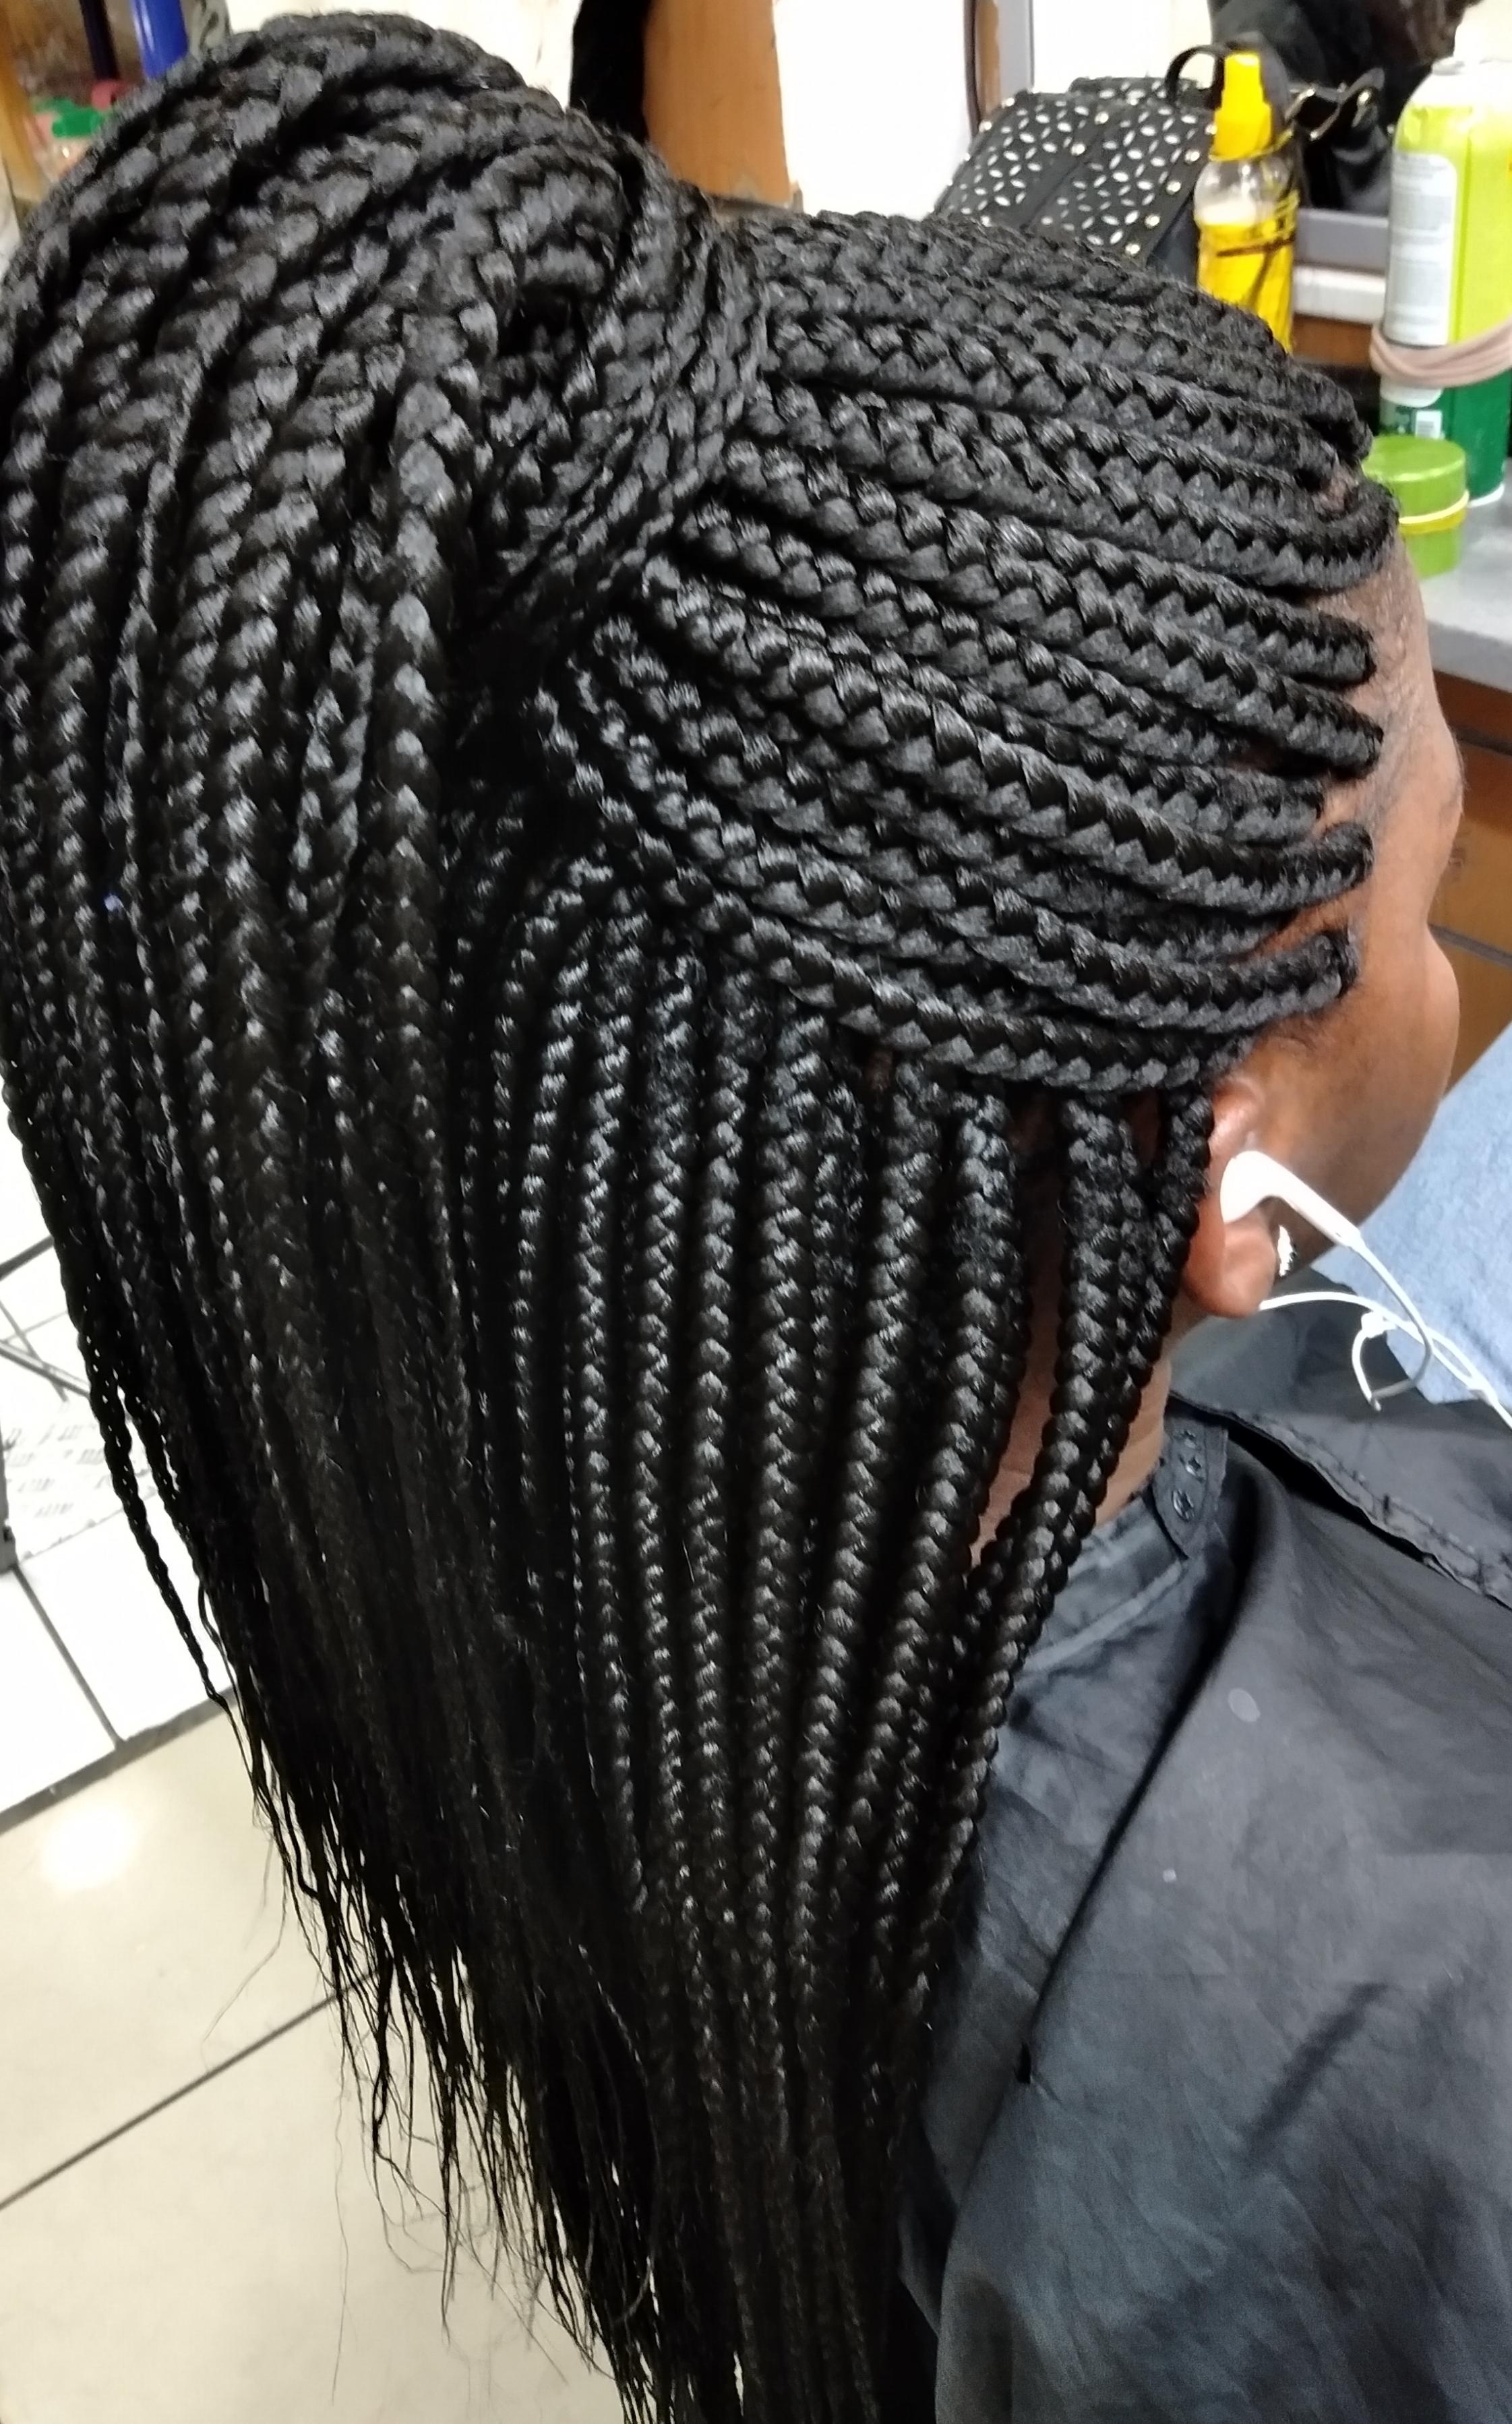 salon de coiffure afro tresse tresses box braids crochet braids vanilles tissages paris 75 77 78 91 92 93 94 95 PATSCXCR